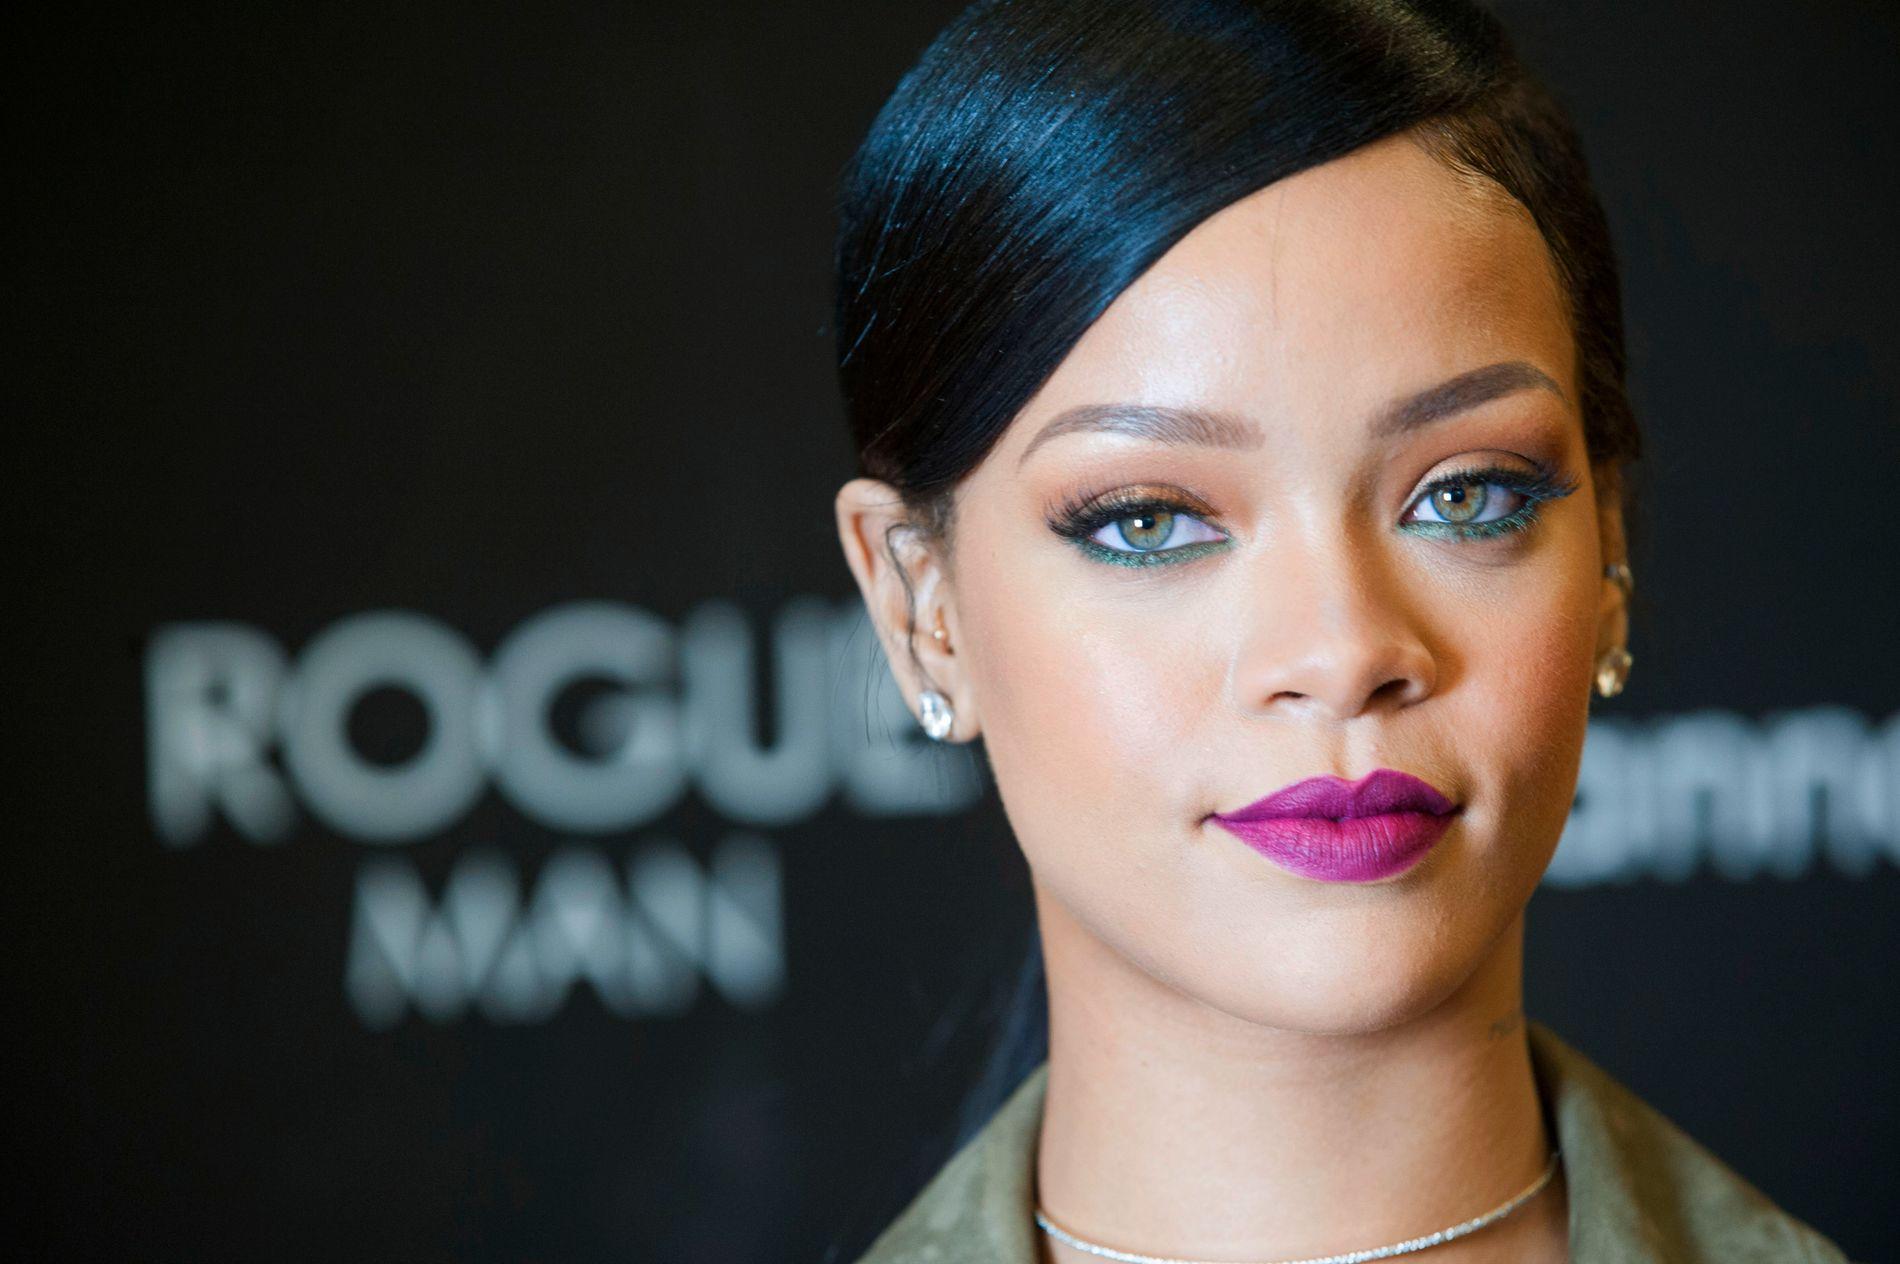 BEKYMRET: Rihanna ba om hjelp til å finne Quigley.